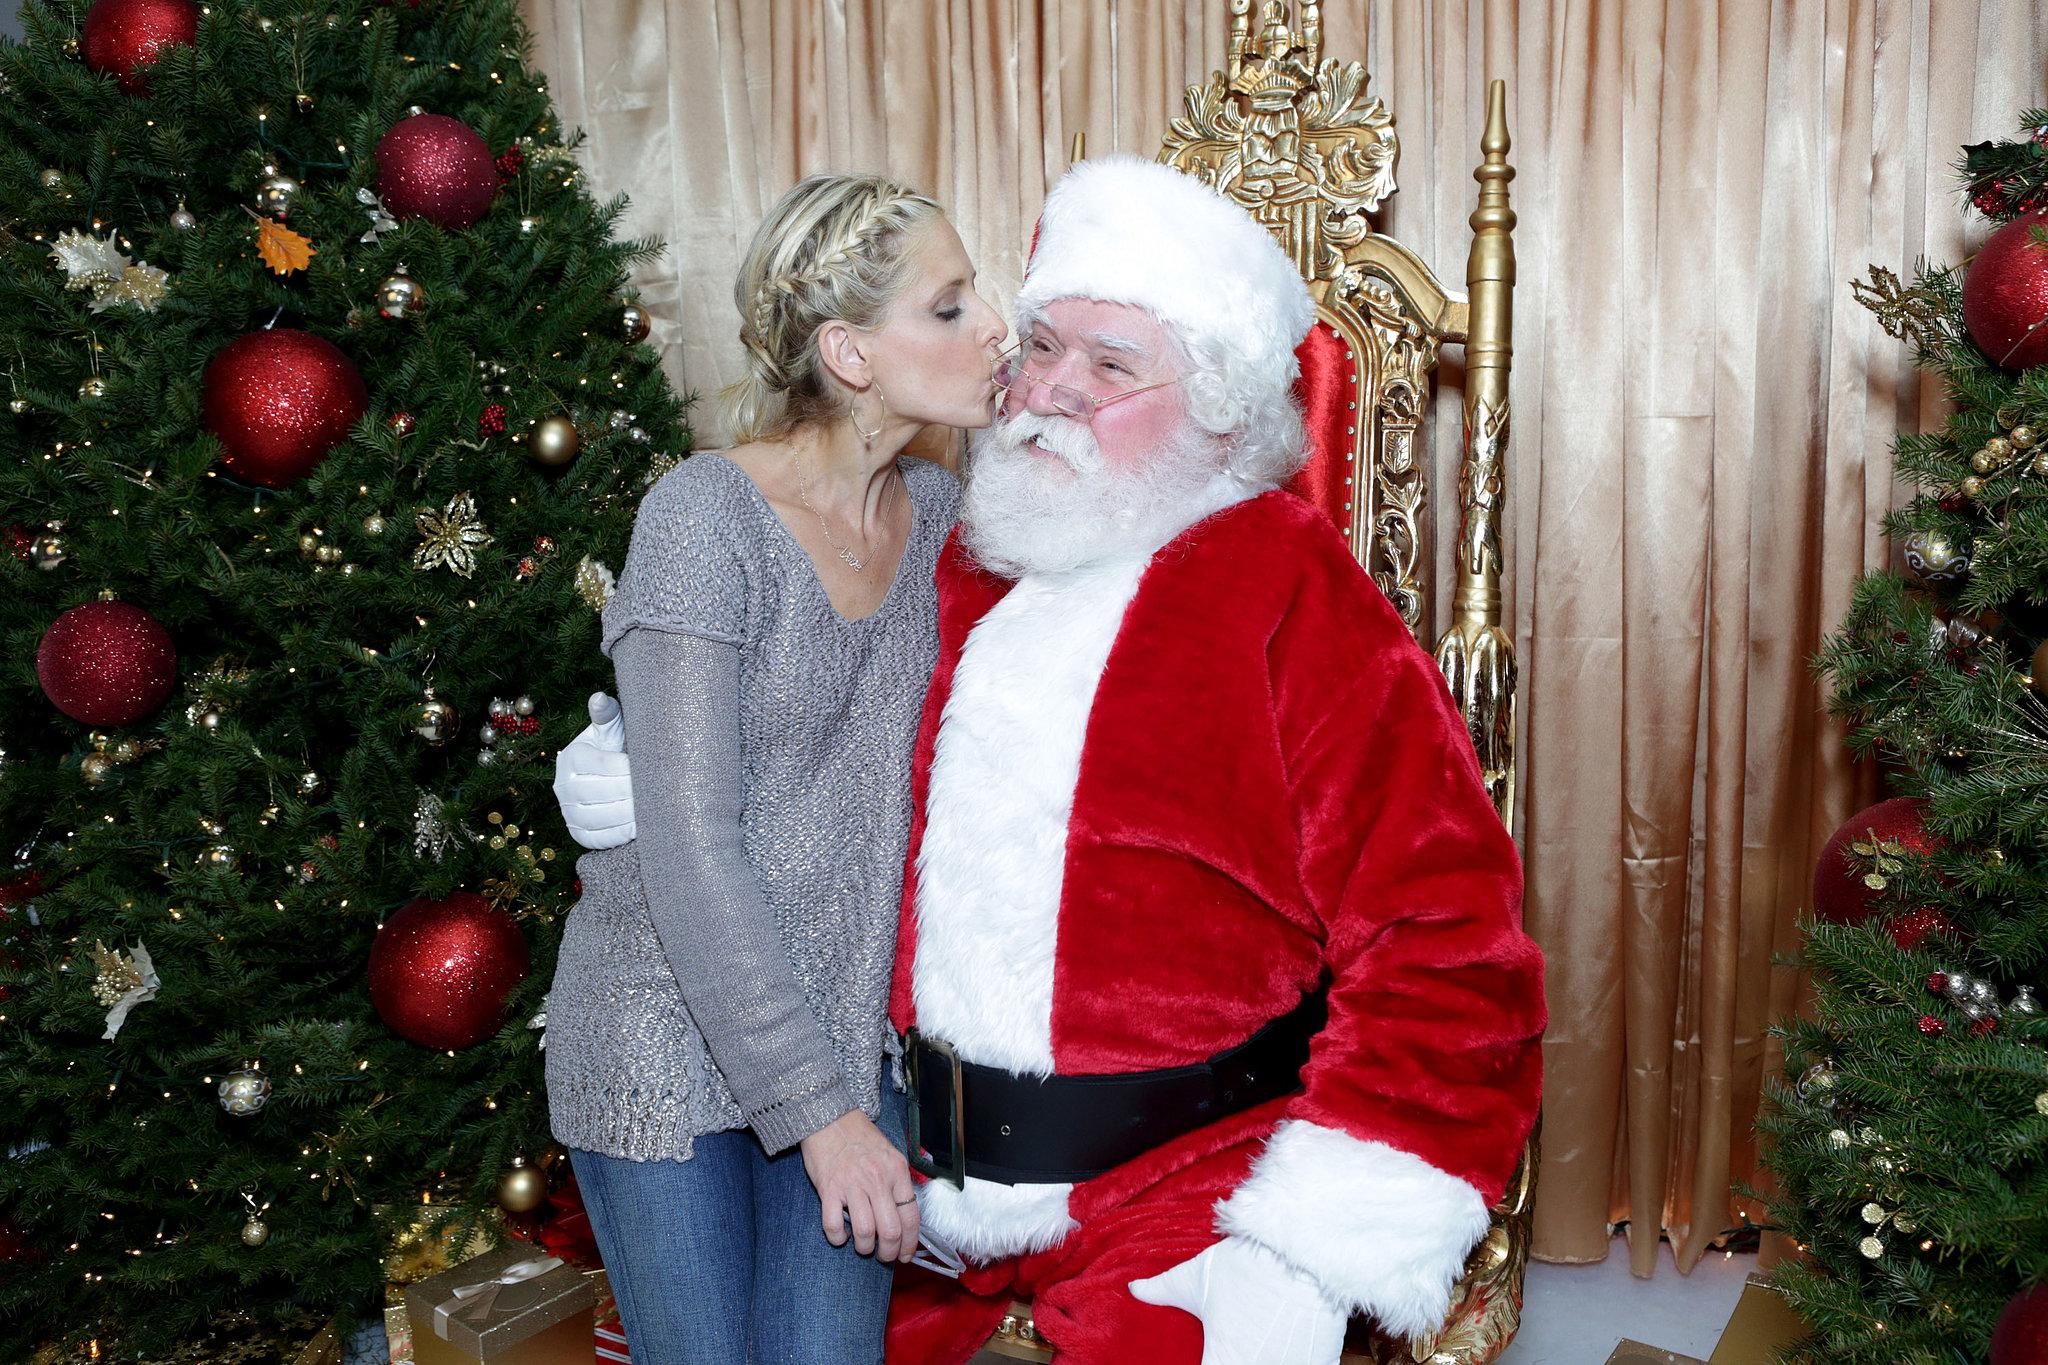 Sarah Michelle Gellar puckered up to Santa Claus at his Secret Workshop benefit in LA.